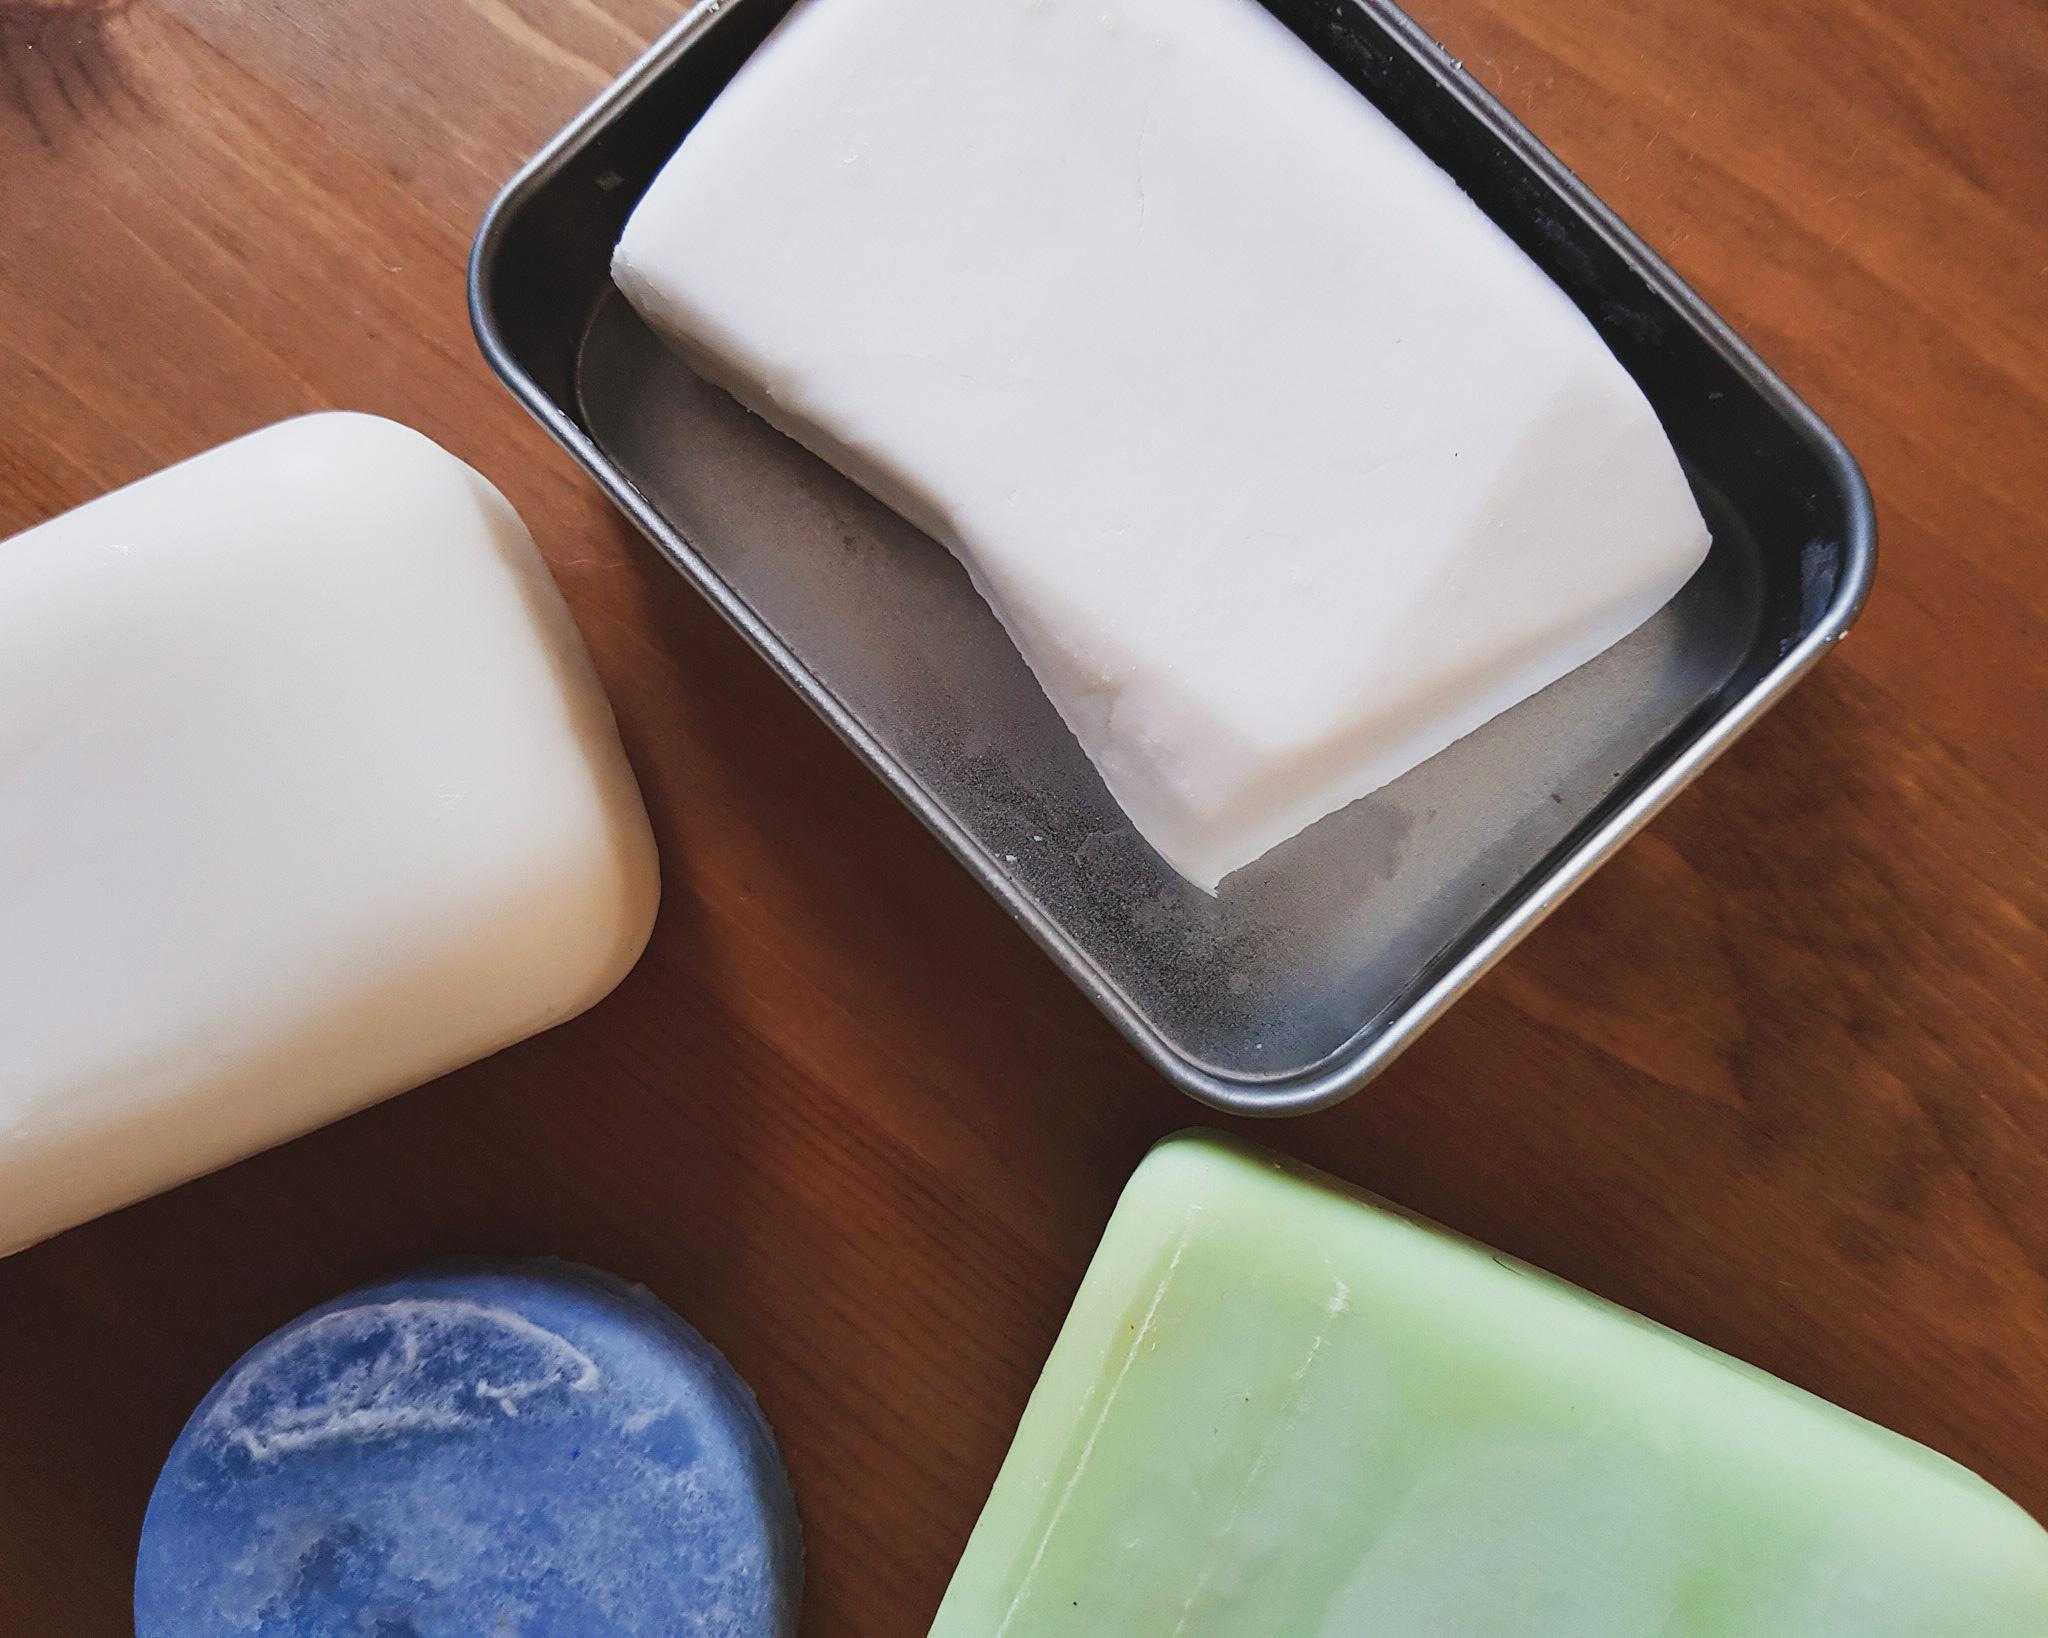 Feste Shampoos von Alverde, Balea, Sebamed und Duschbrocken auf Holzgrund